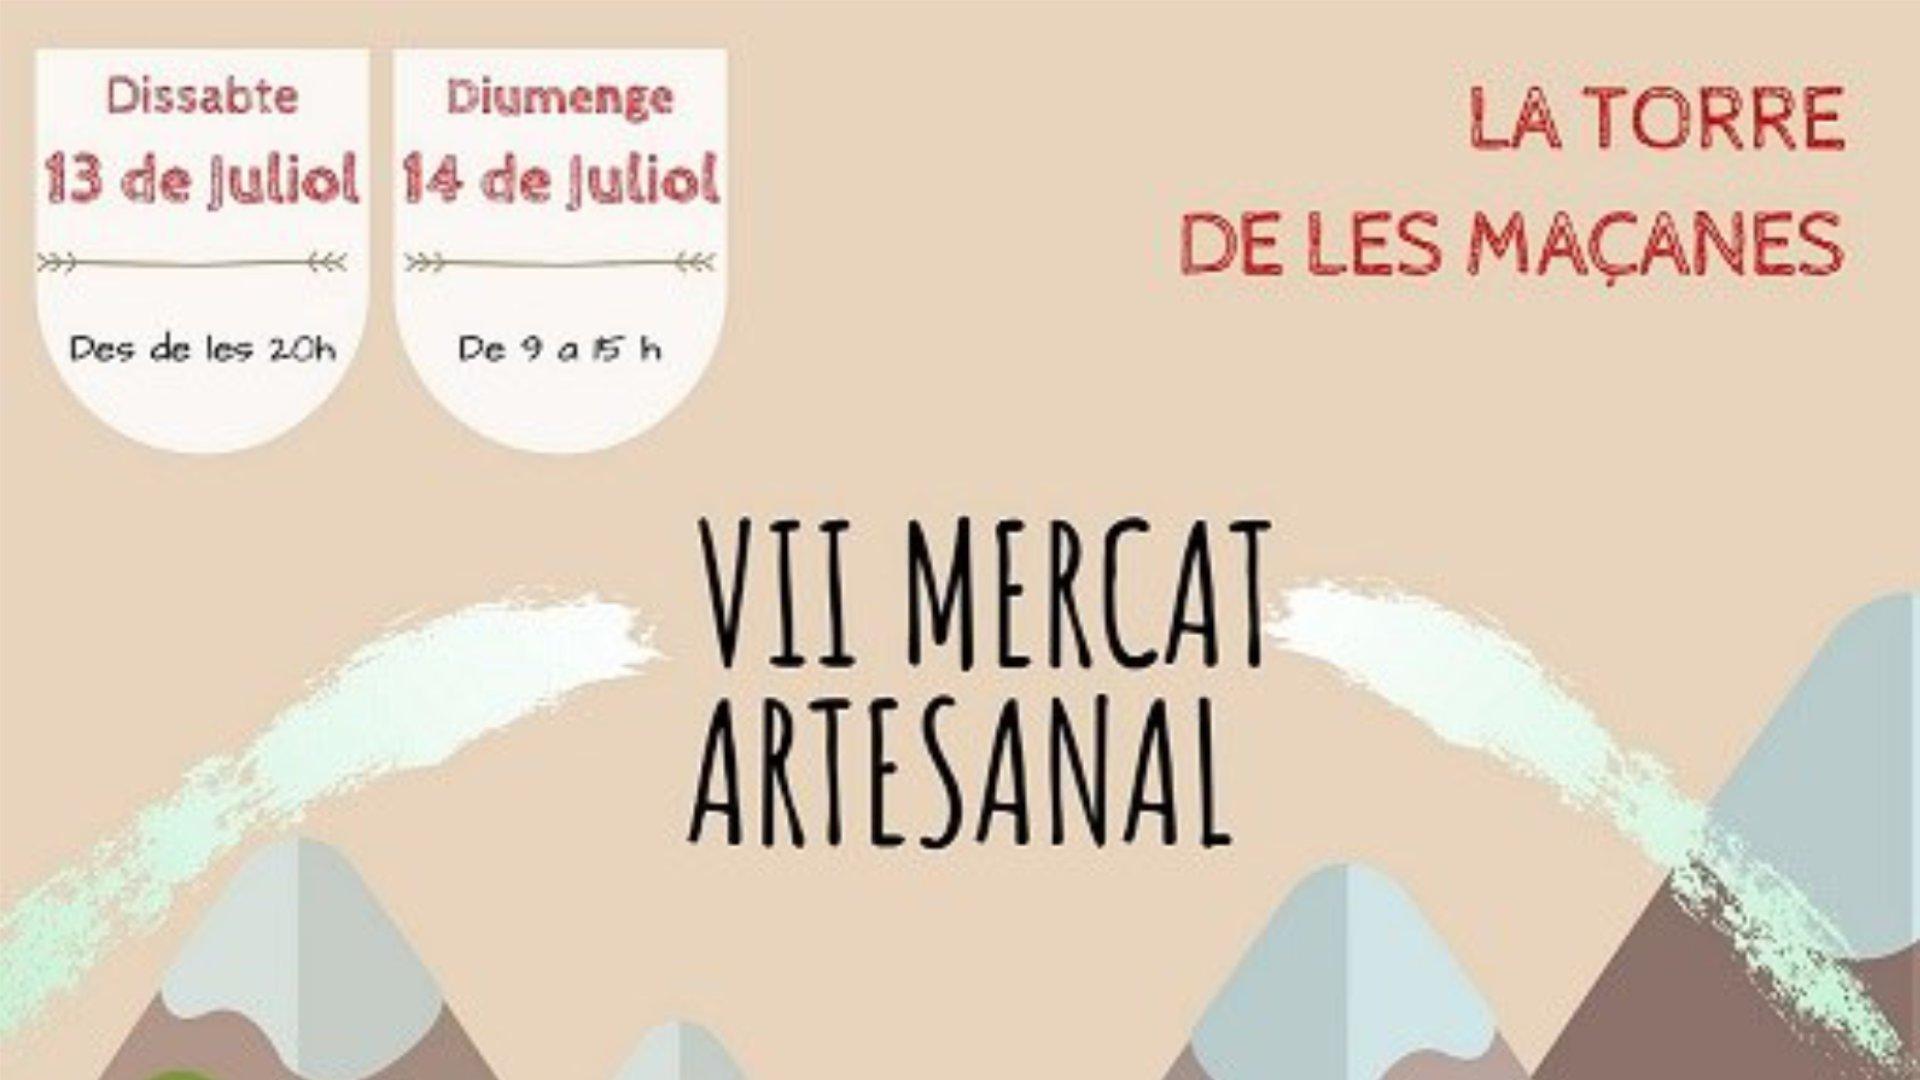 Mercat Artesanal La Torre de les Maçanes 2019